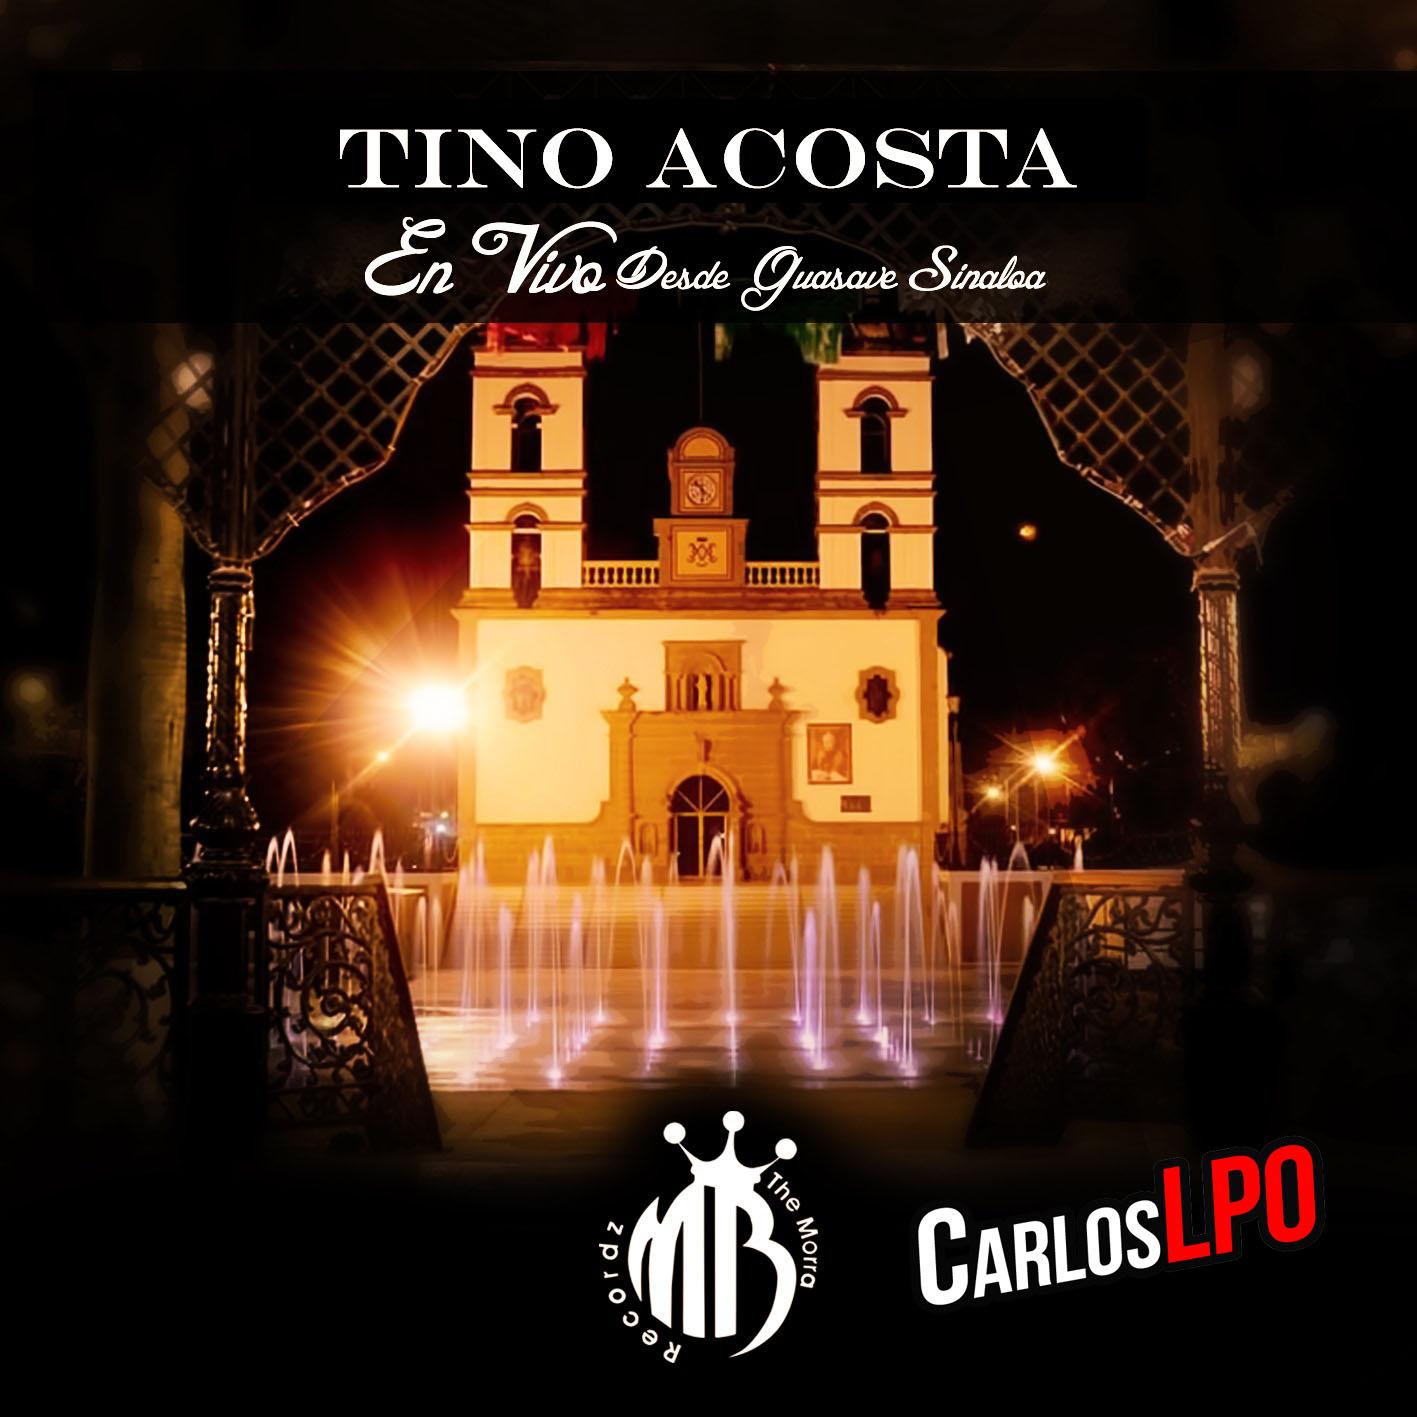 Tino Acosta - En Vivo desde Guasave, Sinaloa (Álbum 2016)